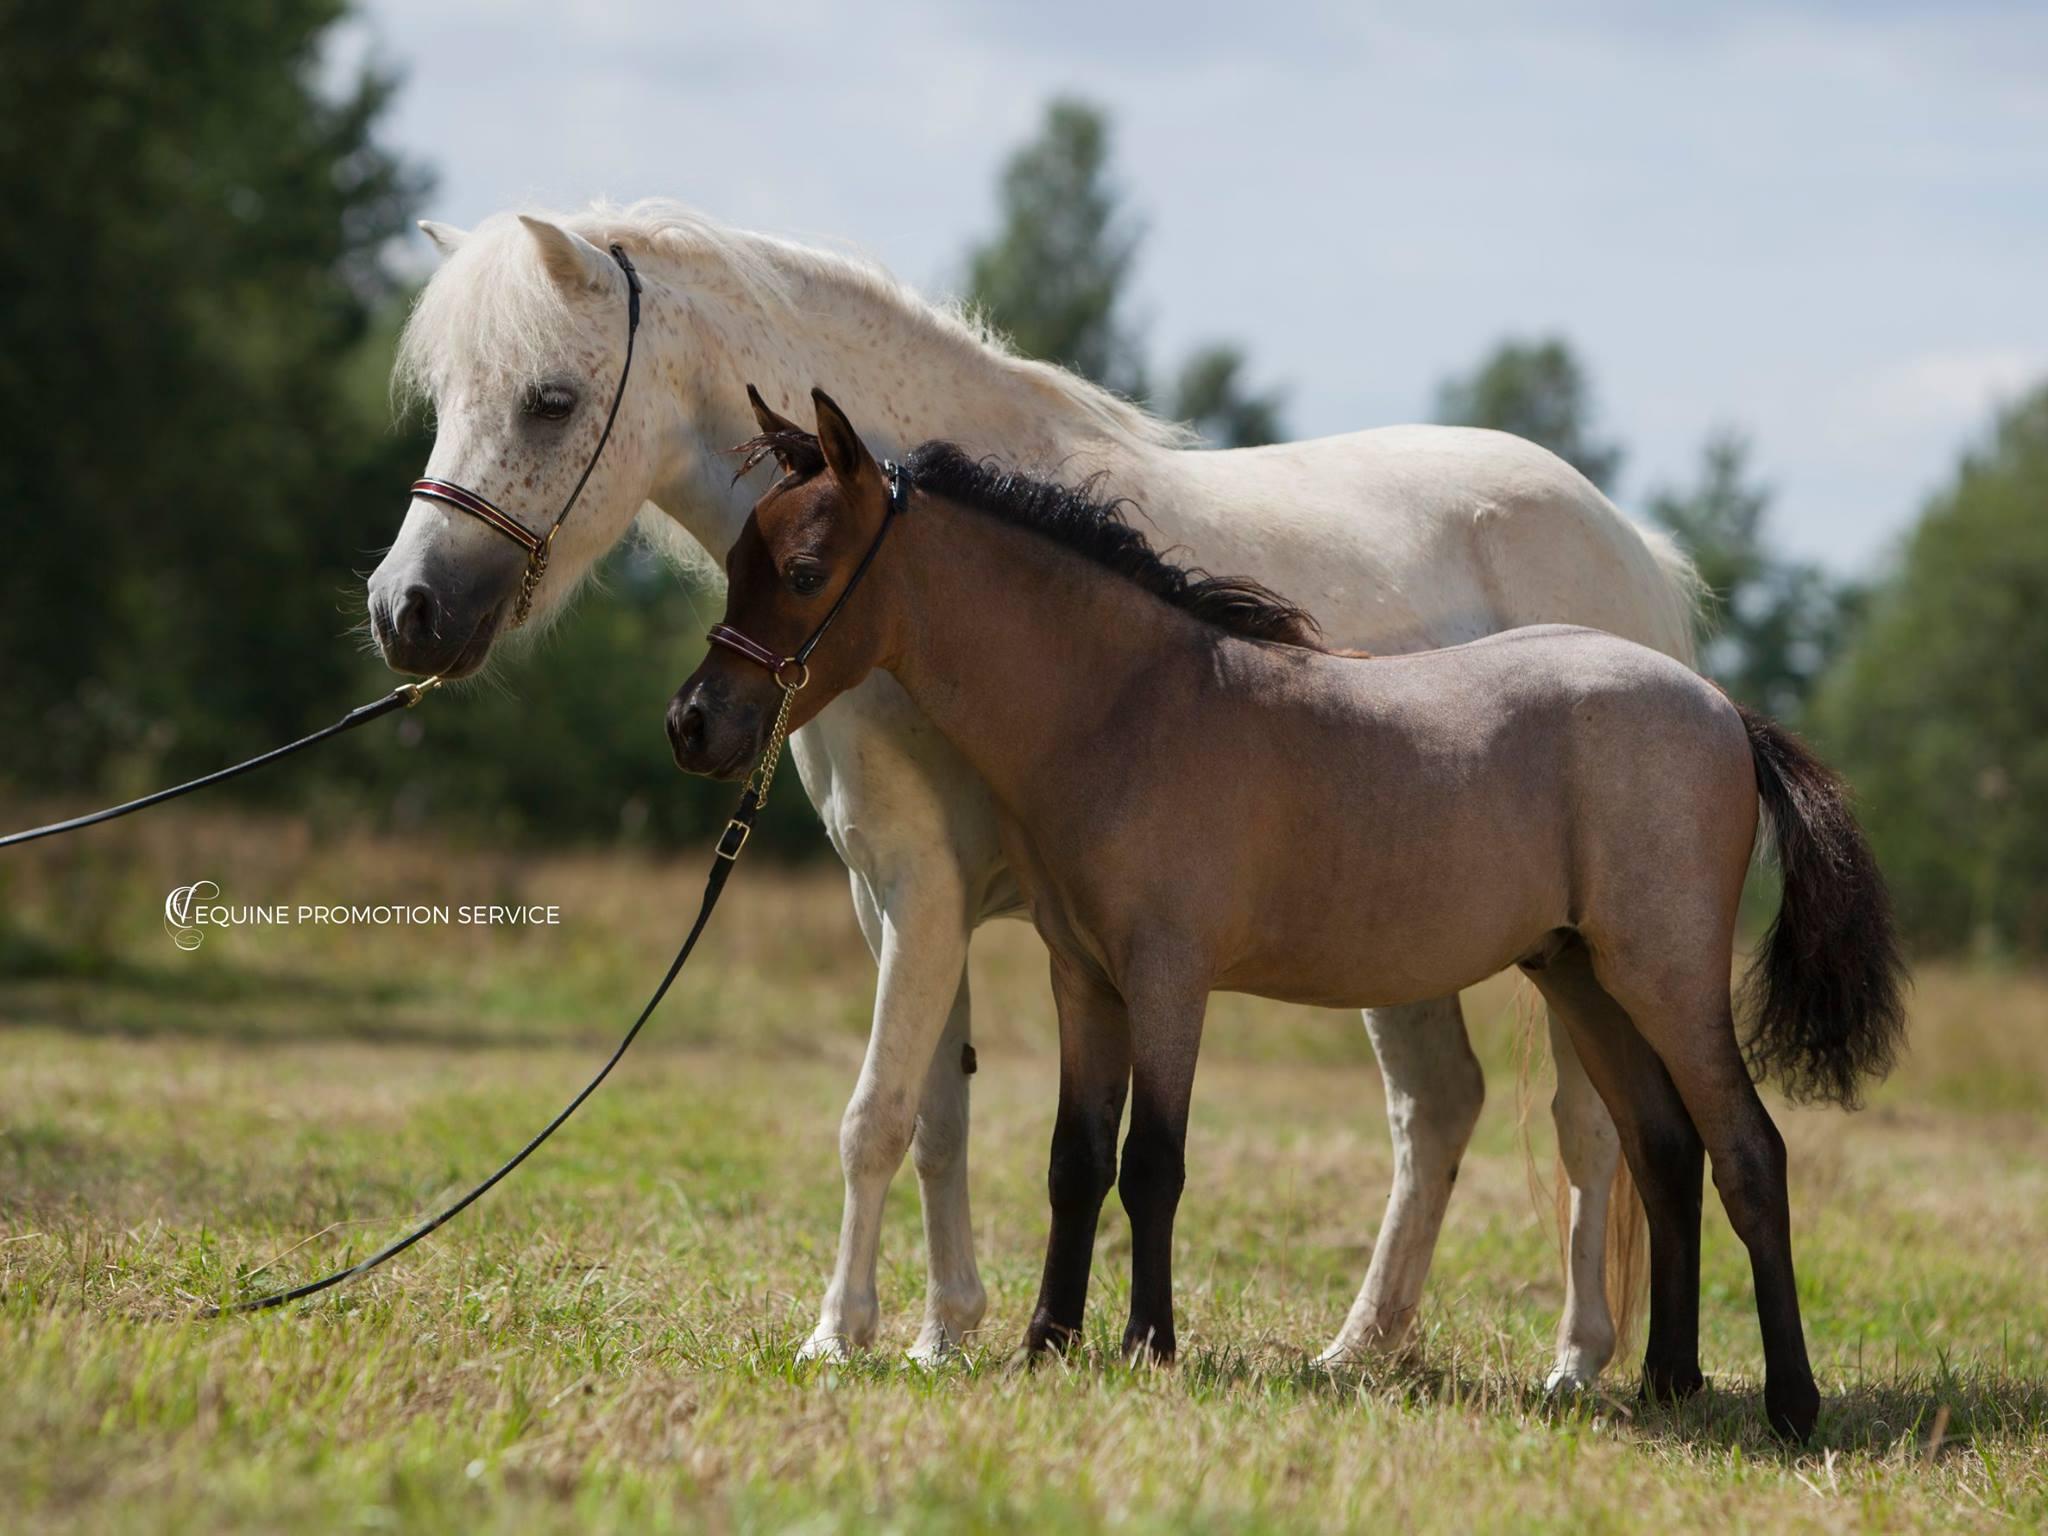 Wieviel kostet ein Amerikanisches Miniaturpferd?